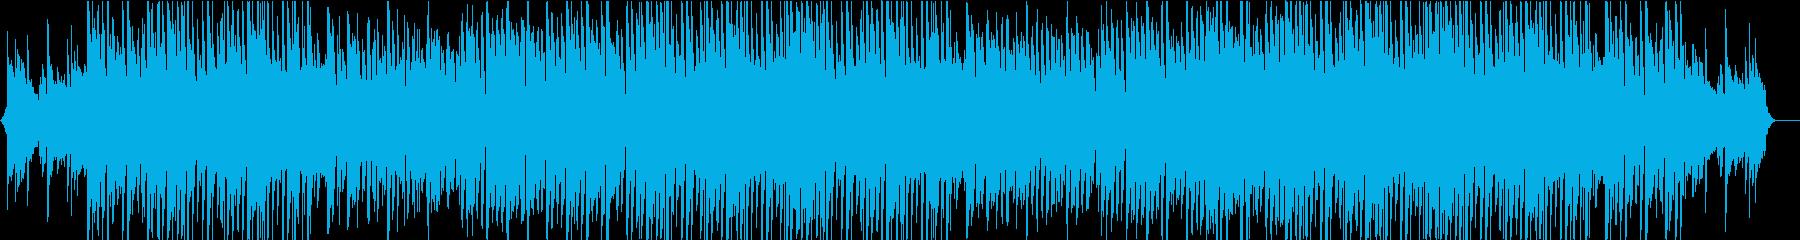 アコギとストリングスのさわやかなBGMの再生済みの波形